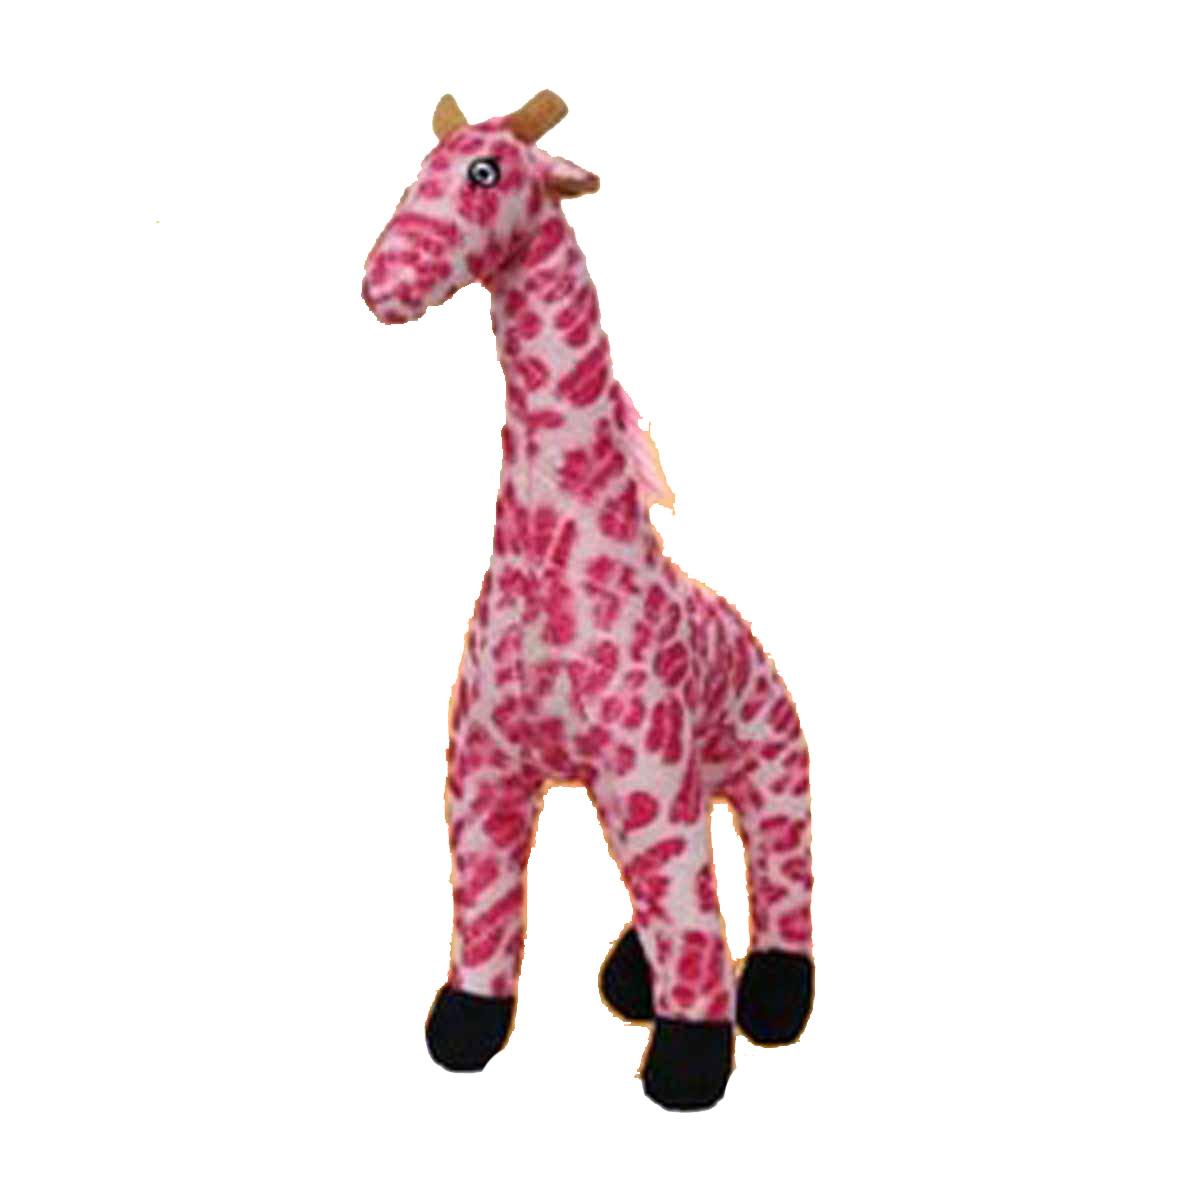 Mighty Safari Dog Toy - Gina the Pink Giraffe